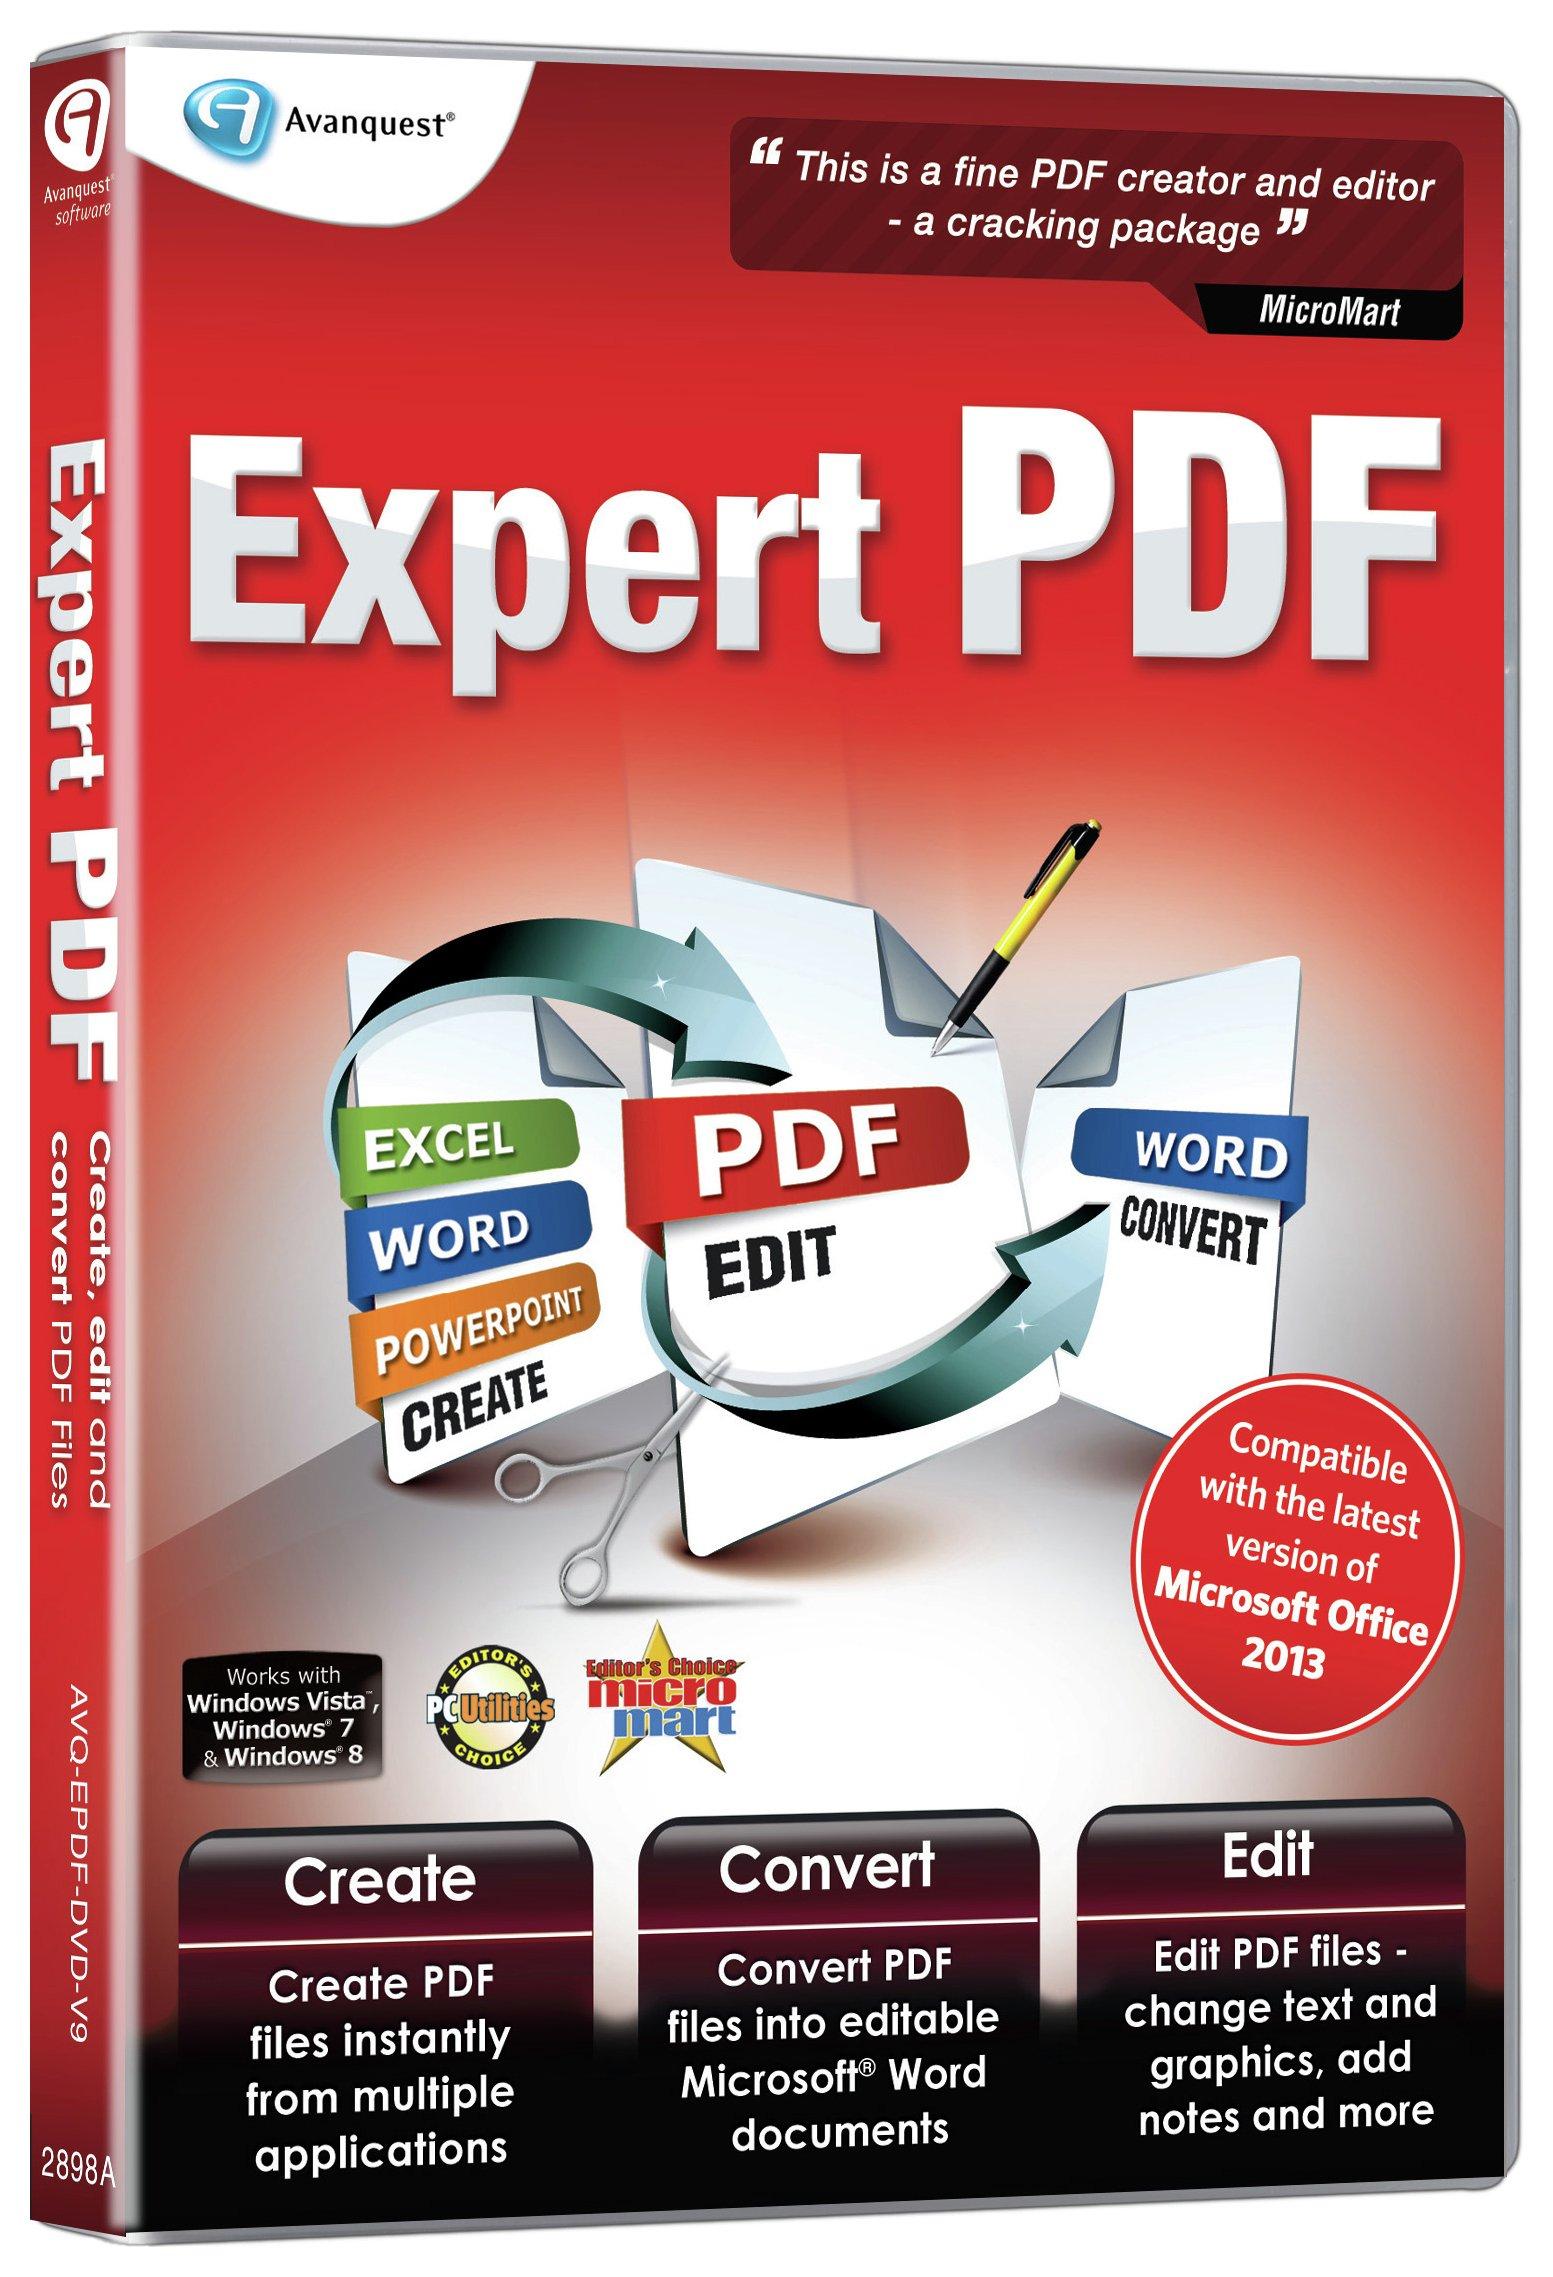 Image of Avanquest - Expert PDF V.9 Design Software